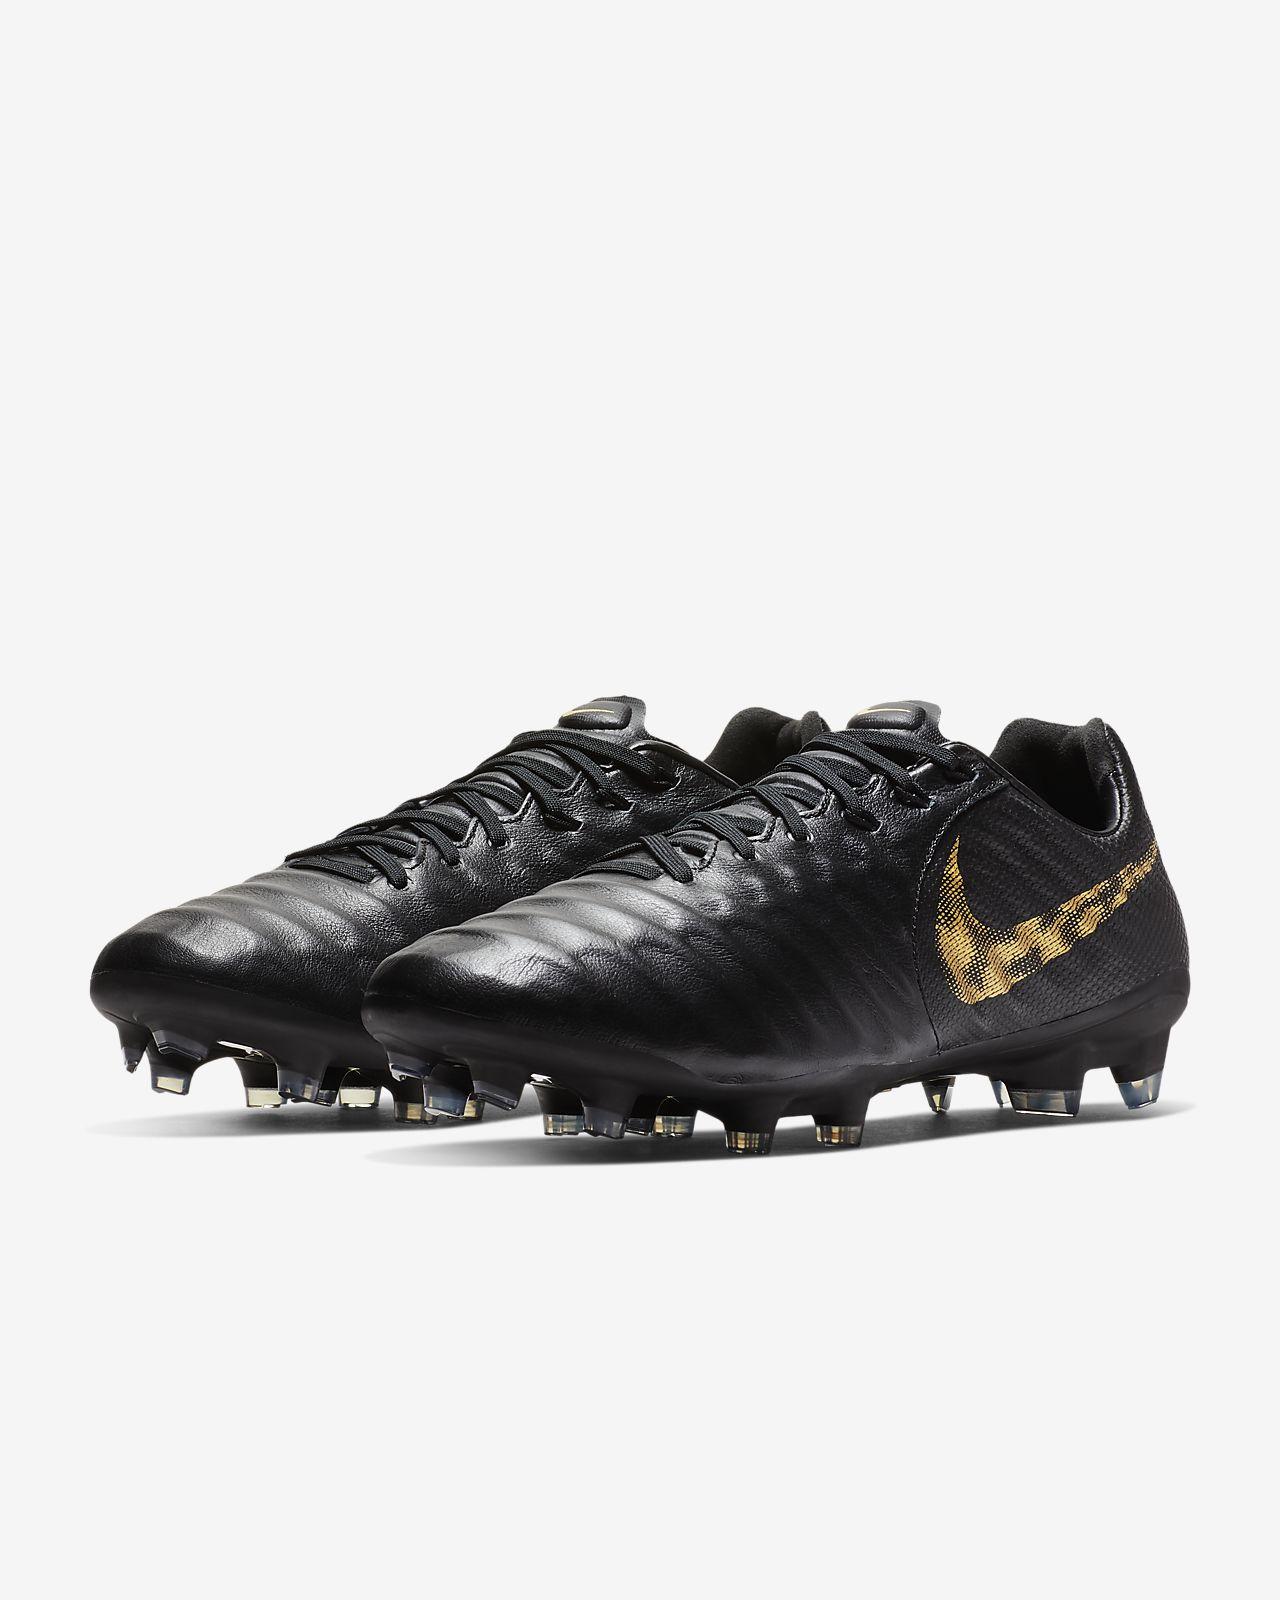 new concept c9888 4bdd1 ... Chaussure de football à crampons pour terrain sec Nike Legend 7 Pro FG